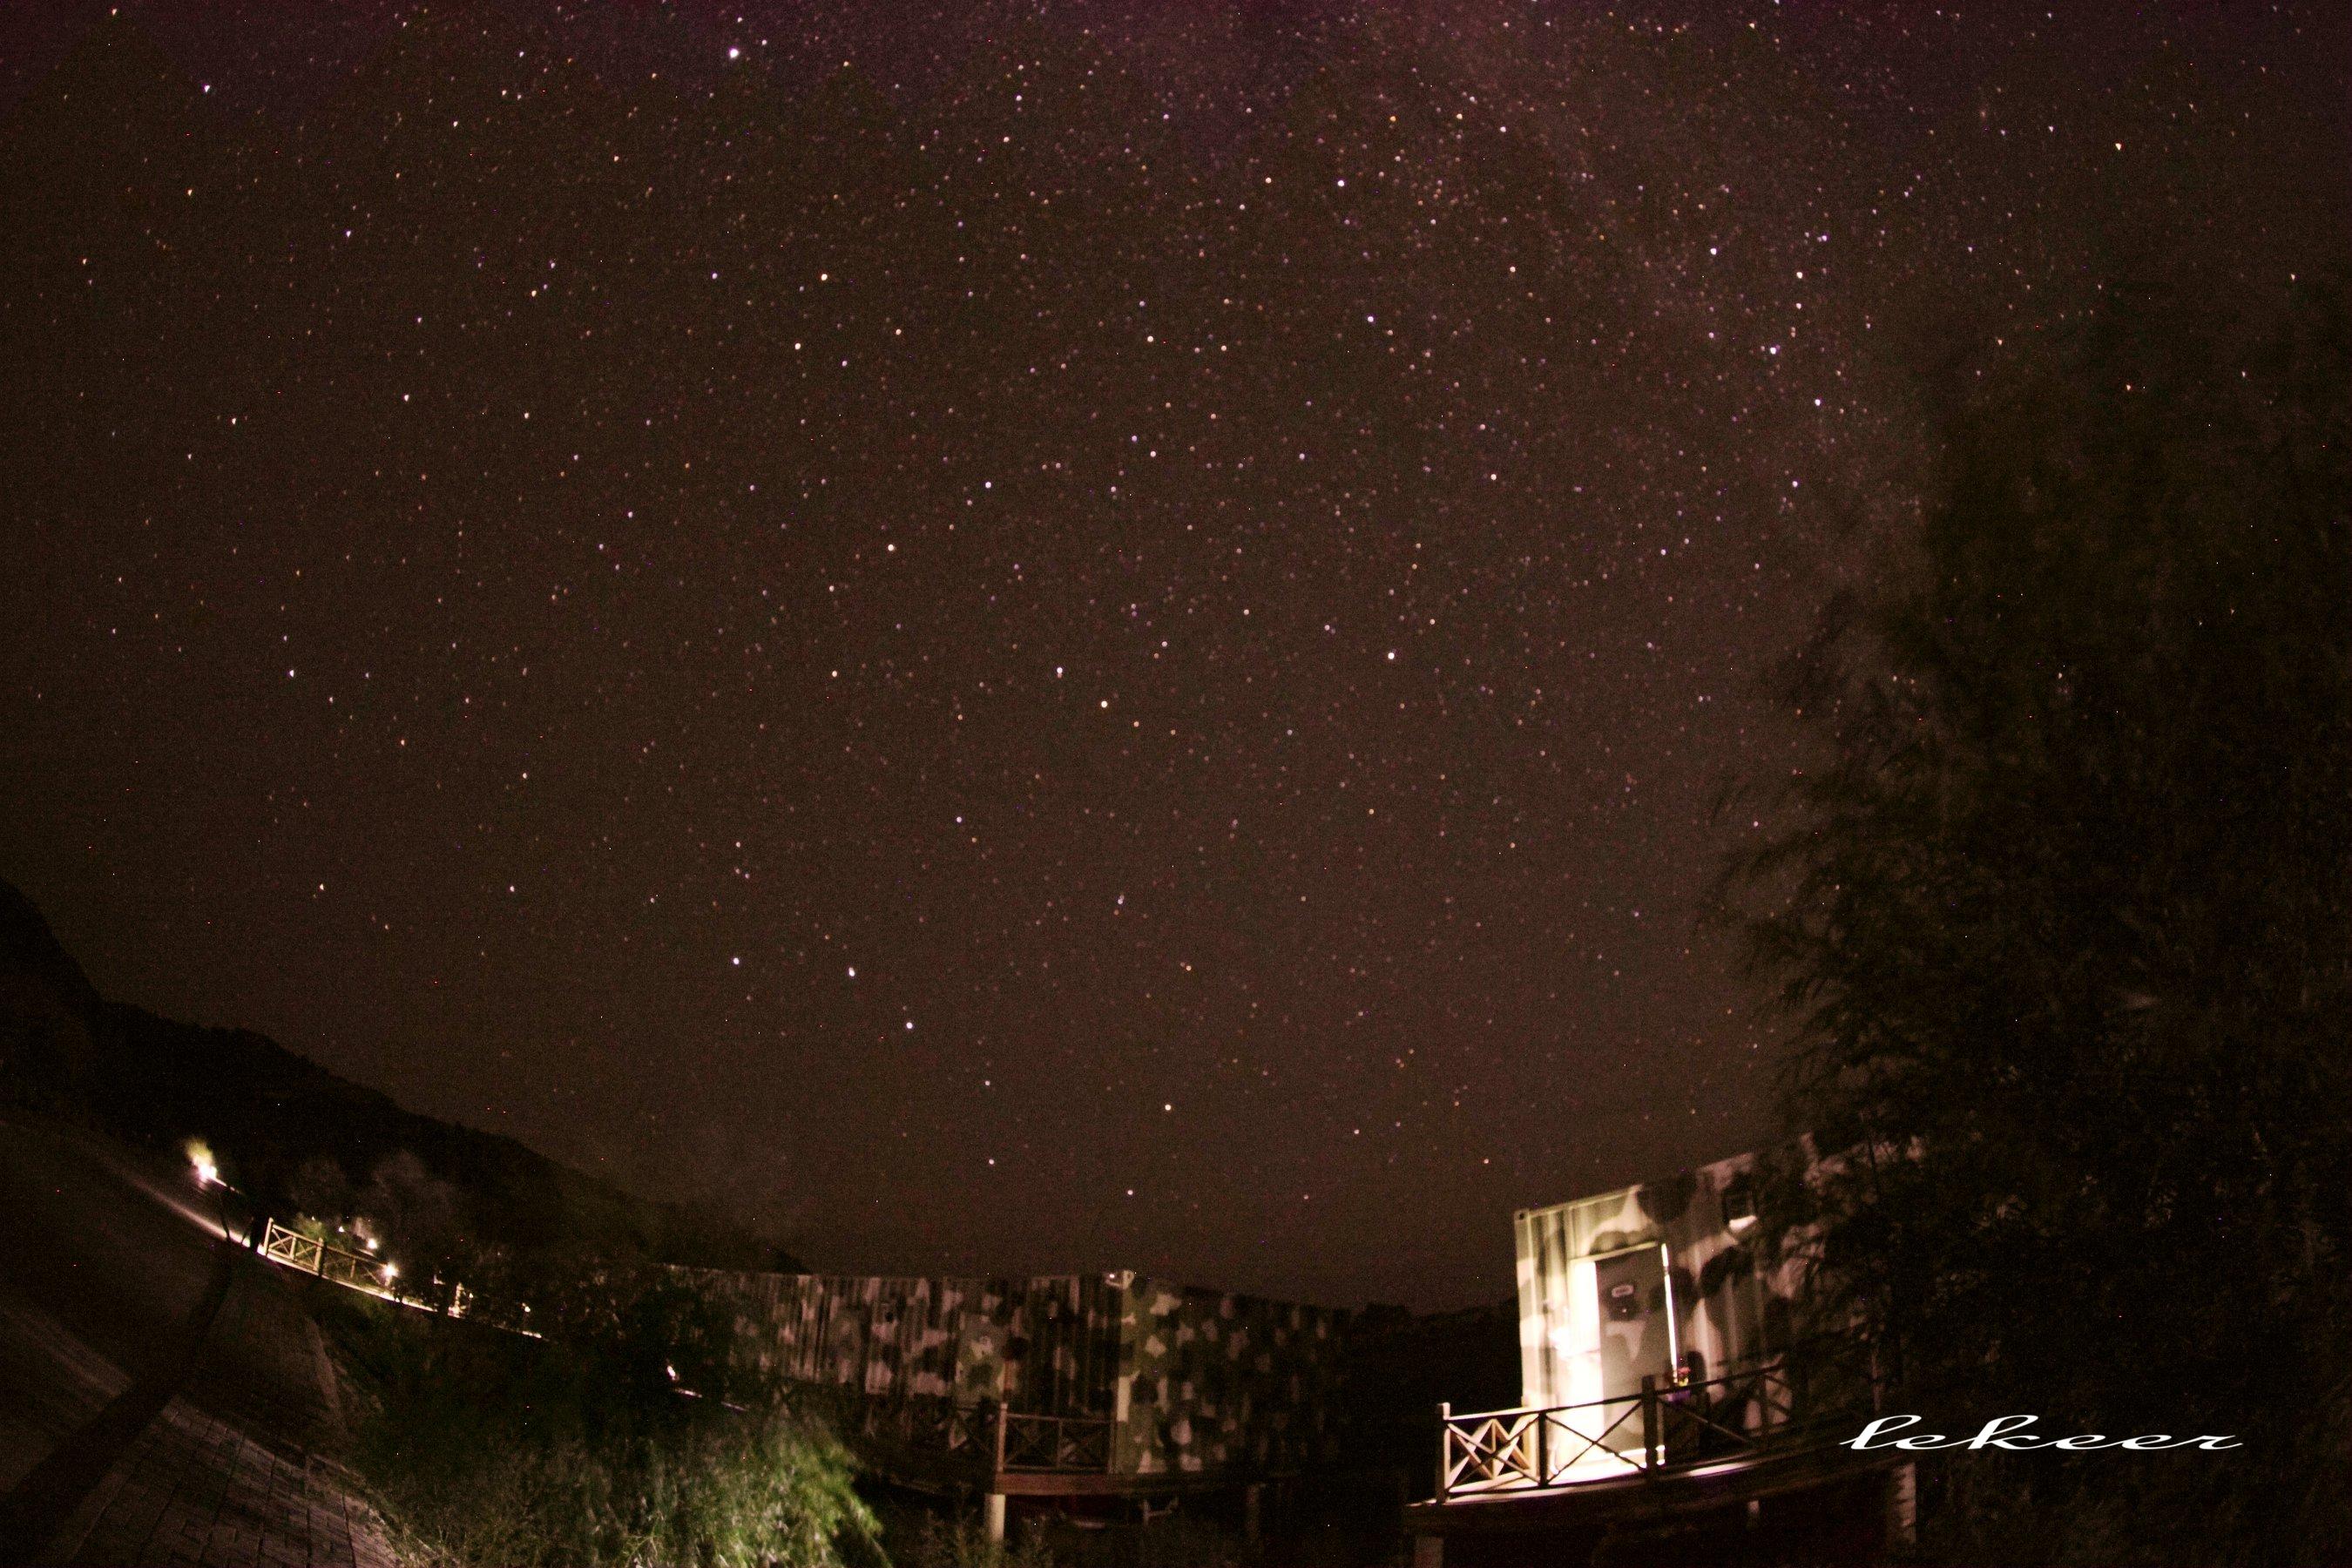 玉龙沙湖的星空无比炫丽 发烧40度的可来这里退烧 - 勒克儿 - 党青博客